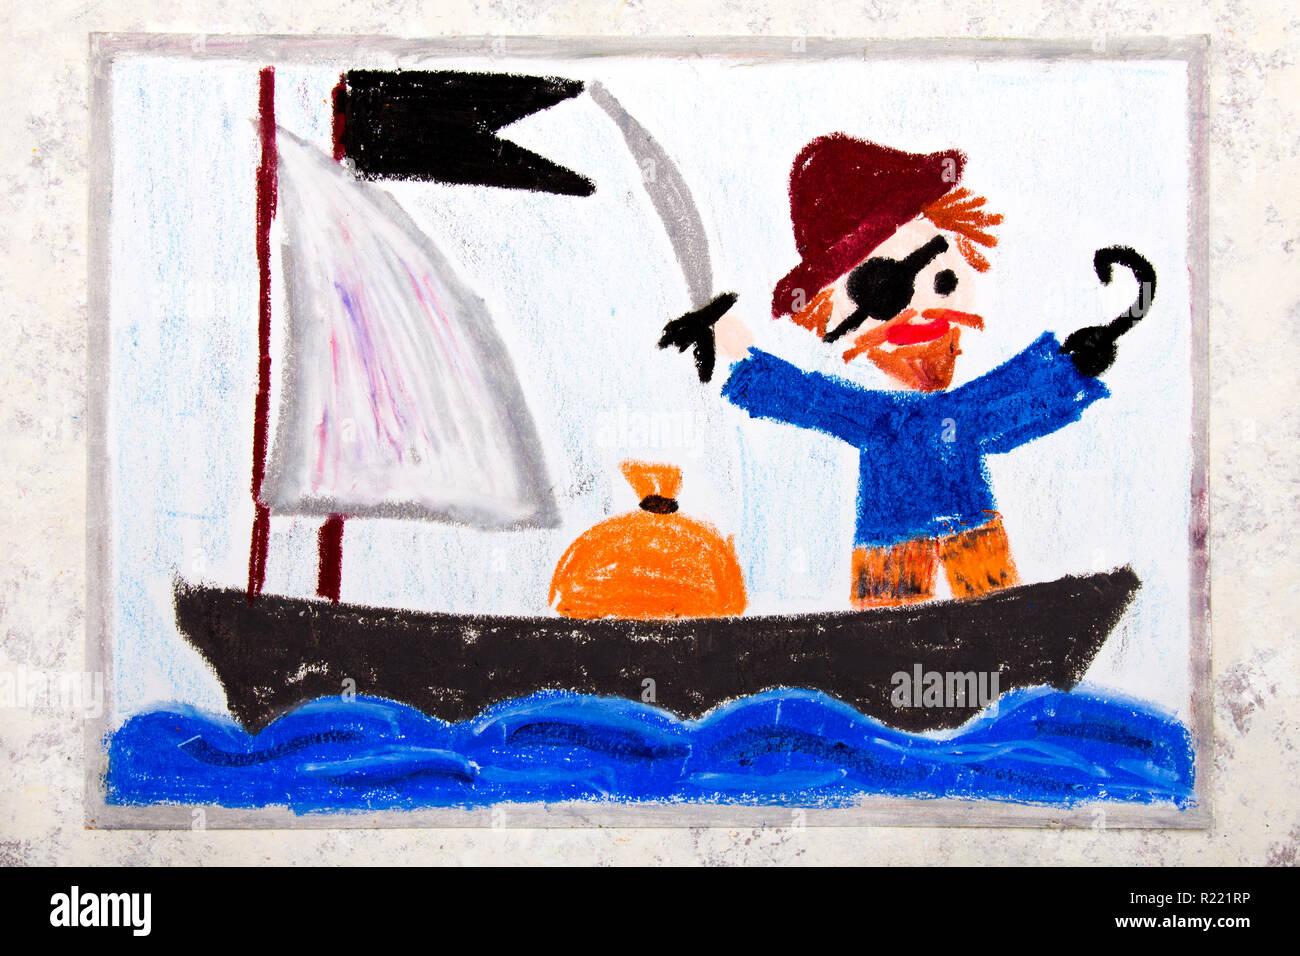 Dessin En Couleur Vieux Pirate Avec Un Patch Sur Son Oeil Crochet Et Le Bouchon Se Trouve Sur Le Bateau Pirate Photo Stock Alamy